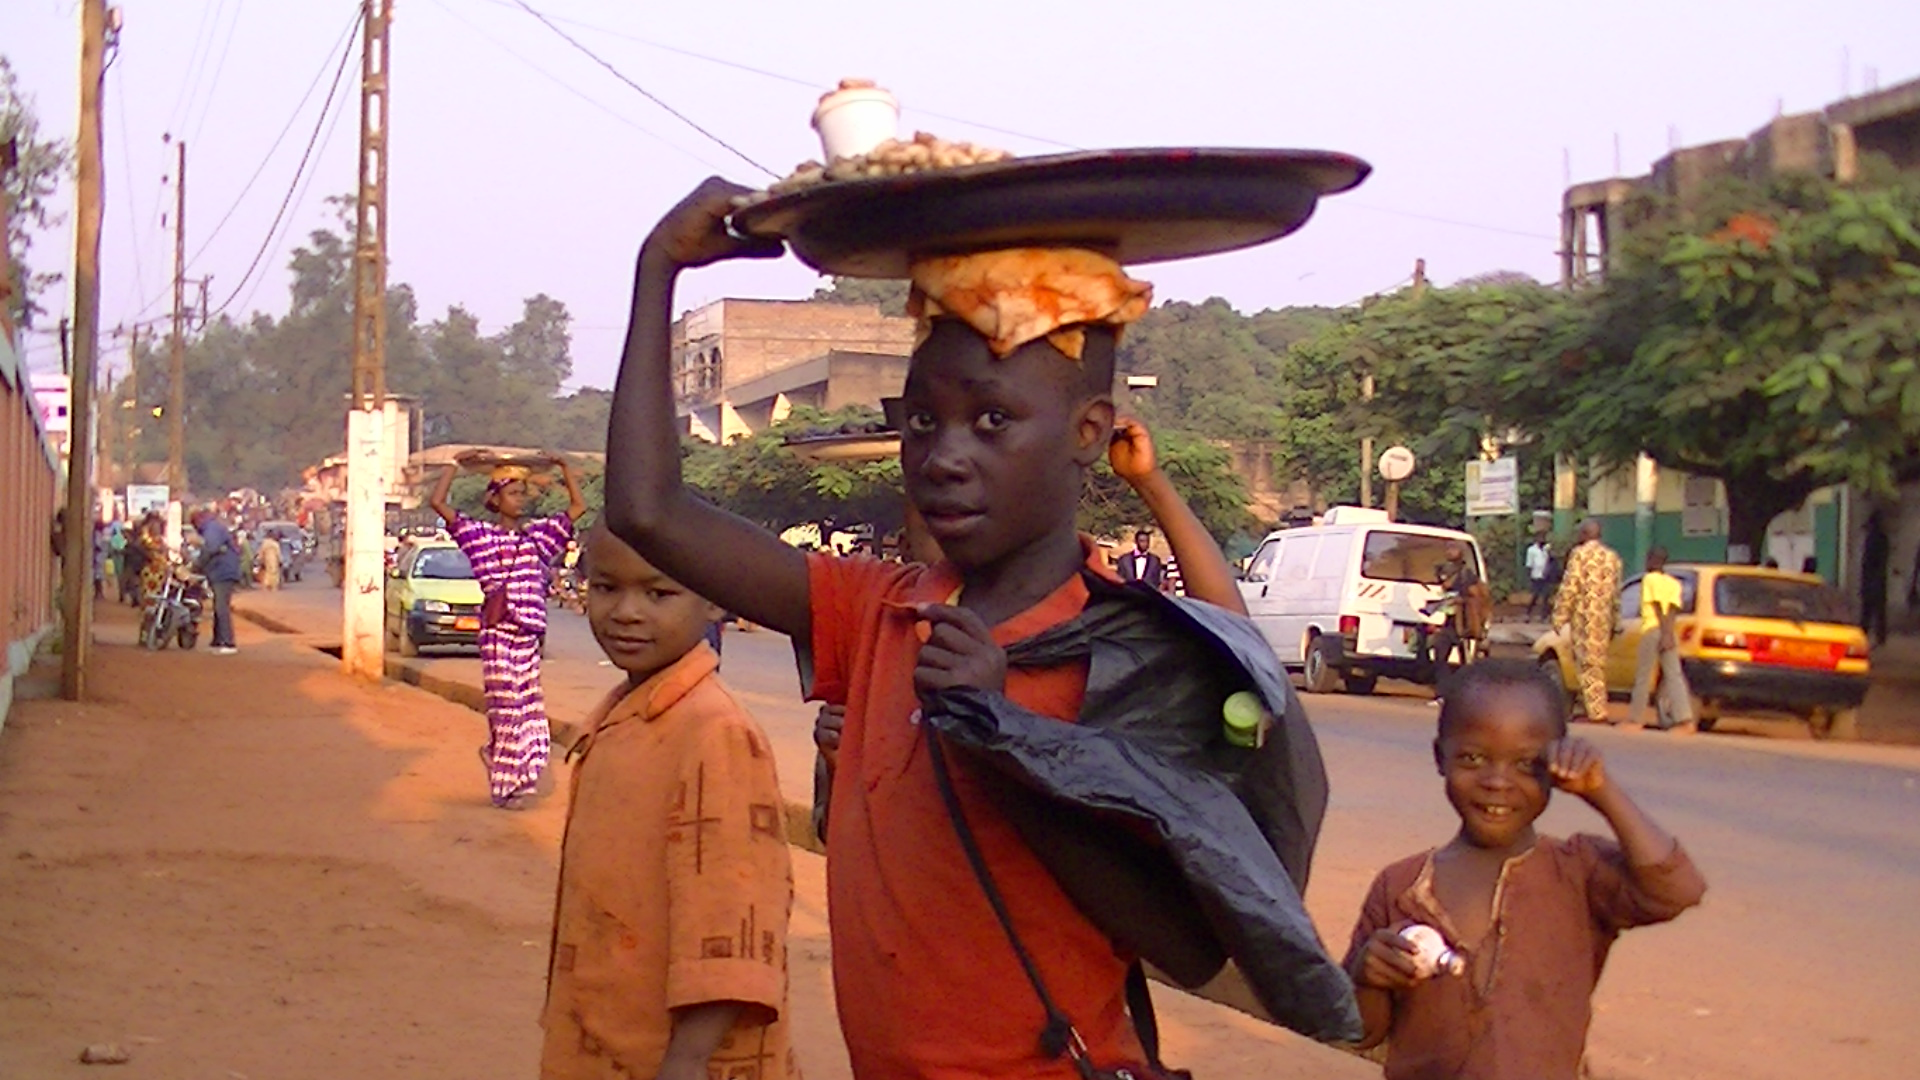 物売りをして町を歩く現地の子どもたち